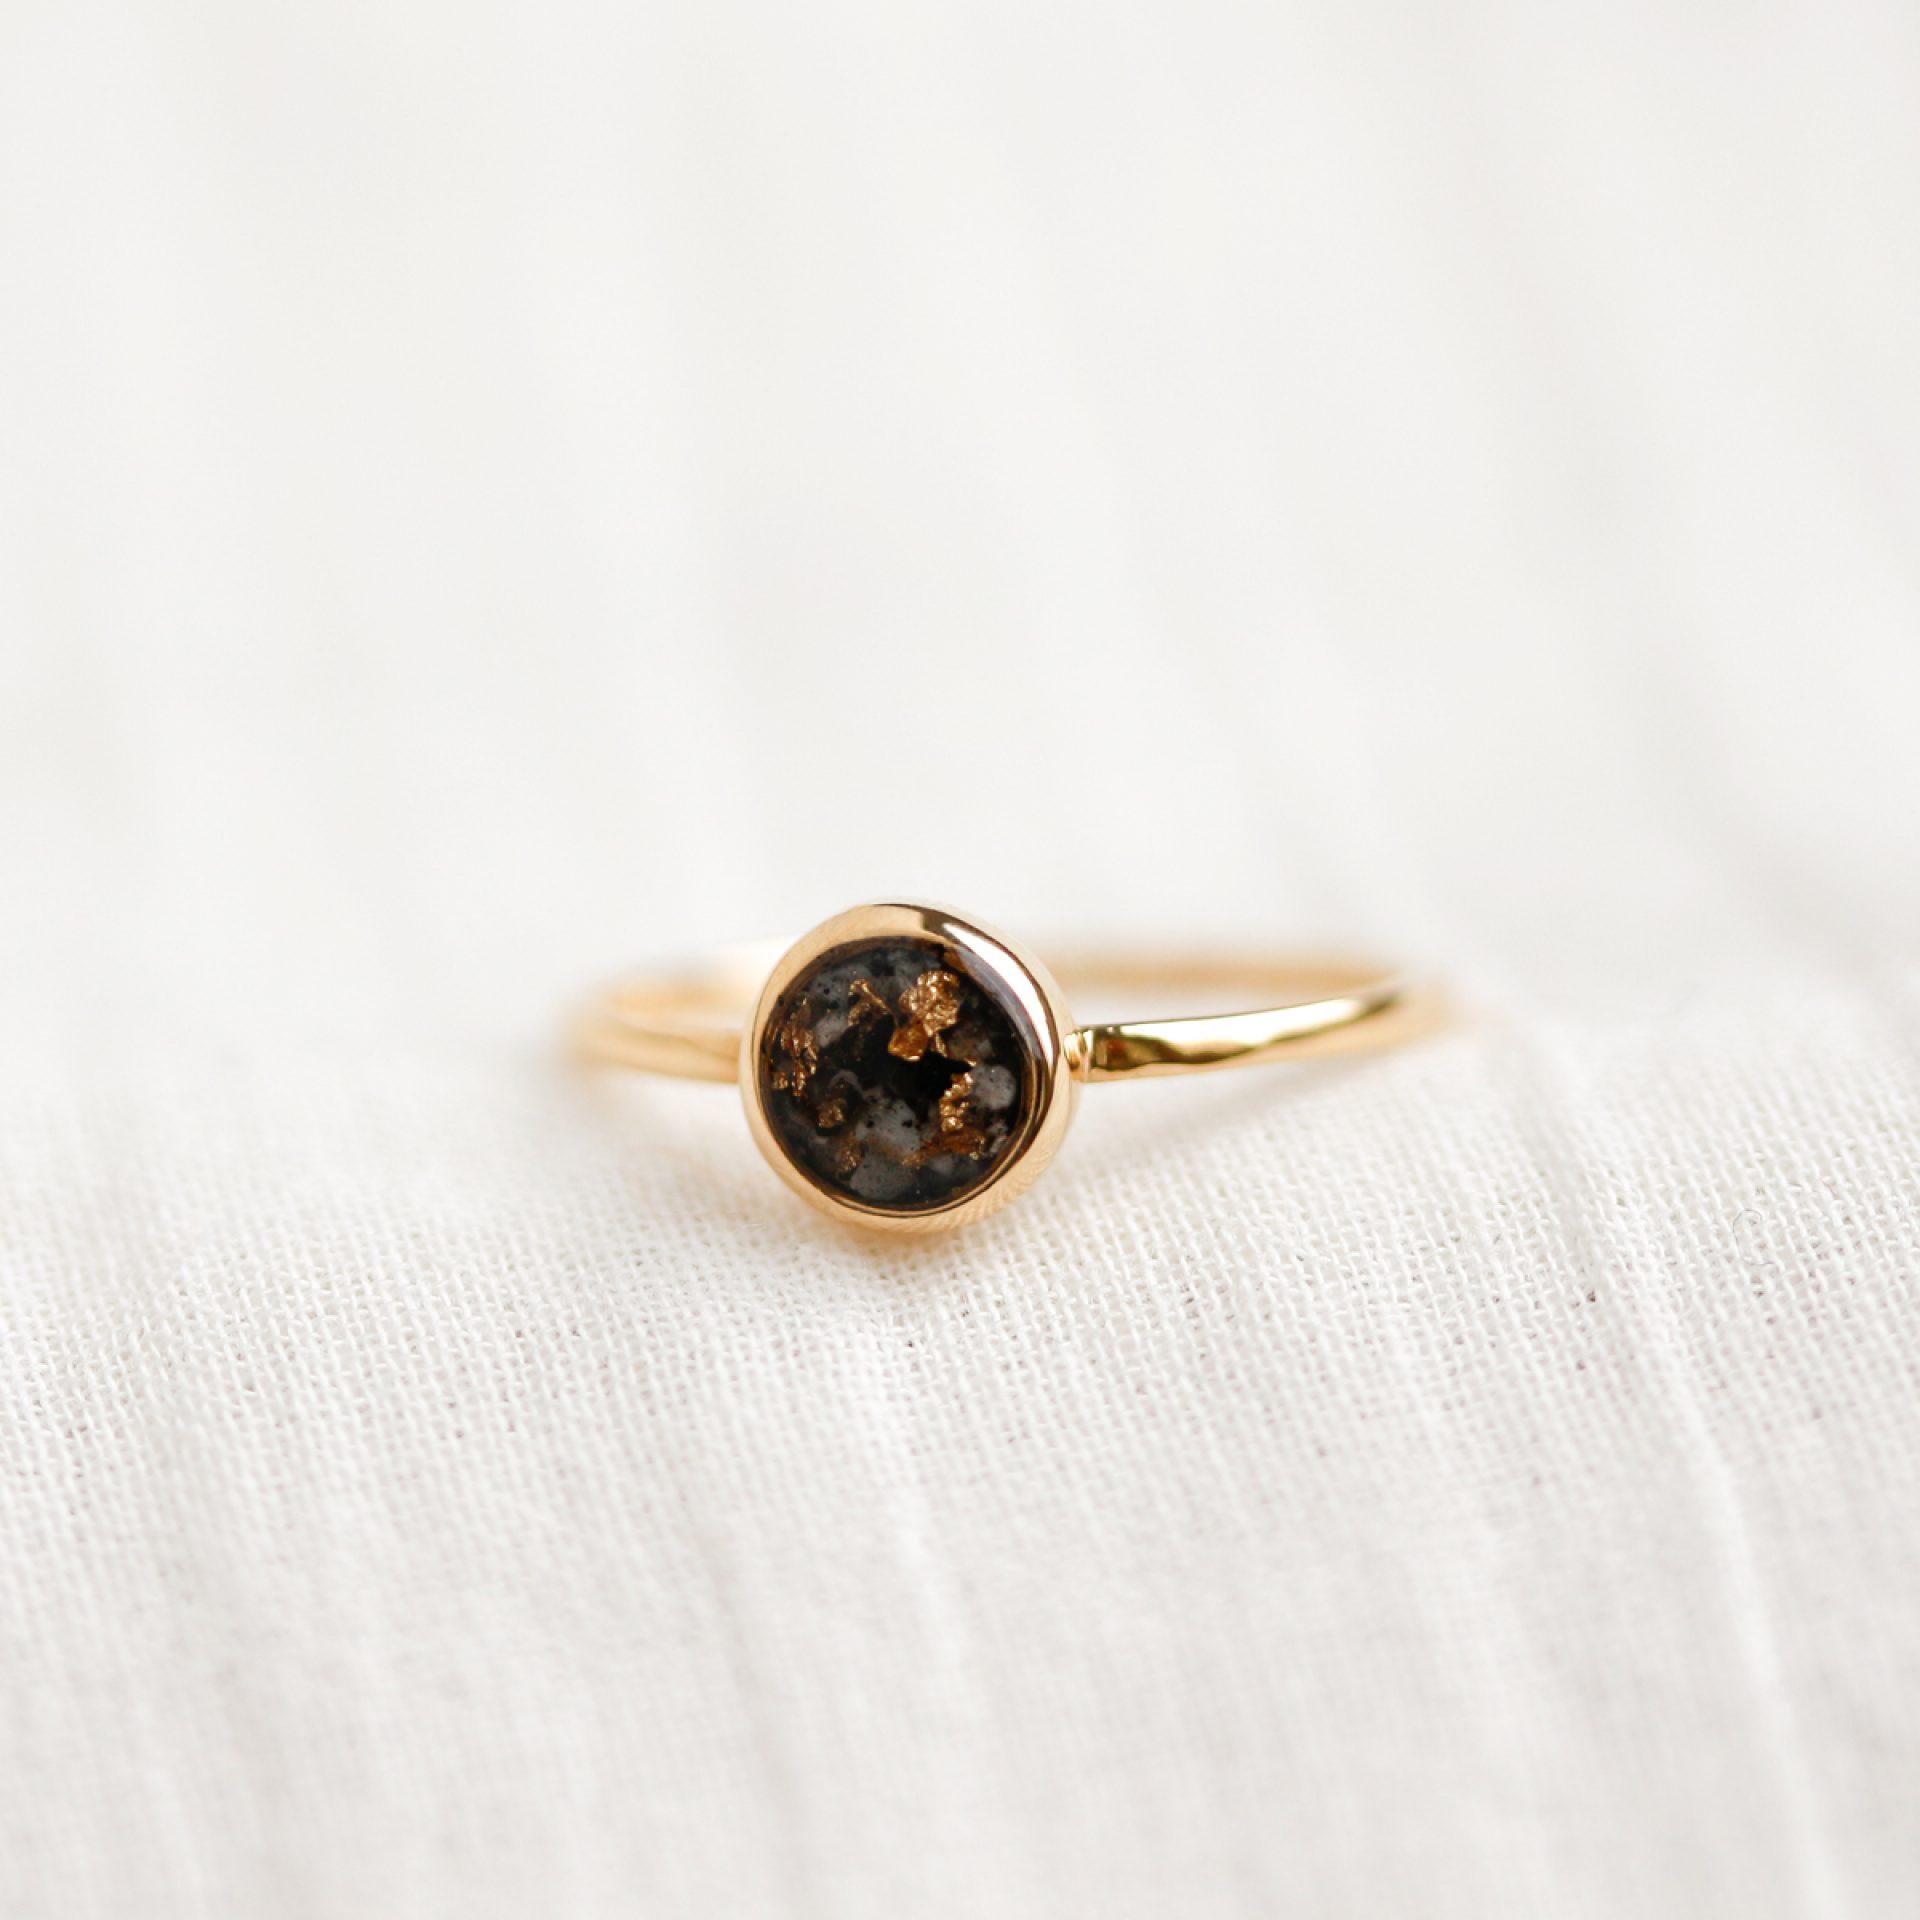 Ring Gold Silber Asche Schmuck Schweiz Erinnerung verstorbene Mensch Tier Asche Diamant